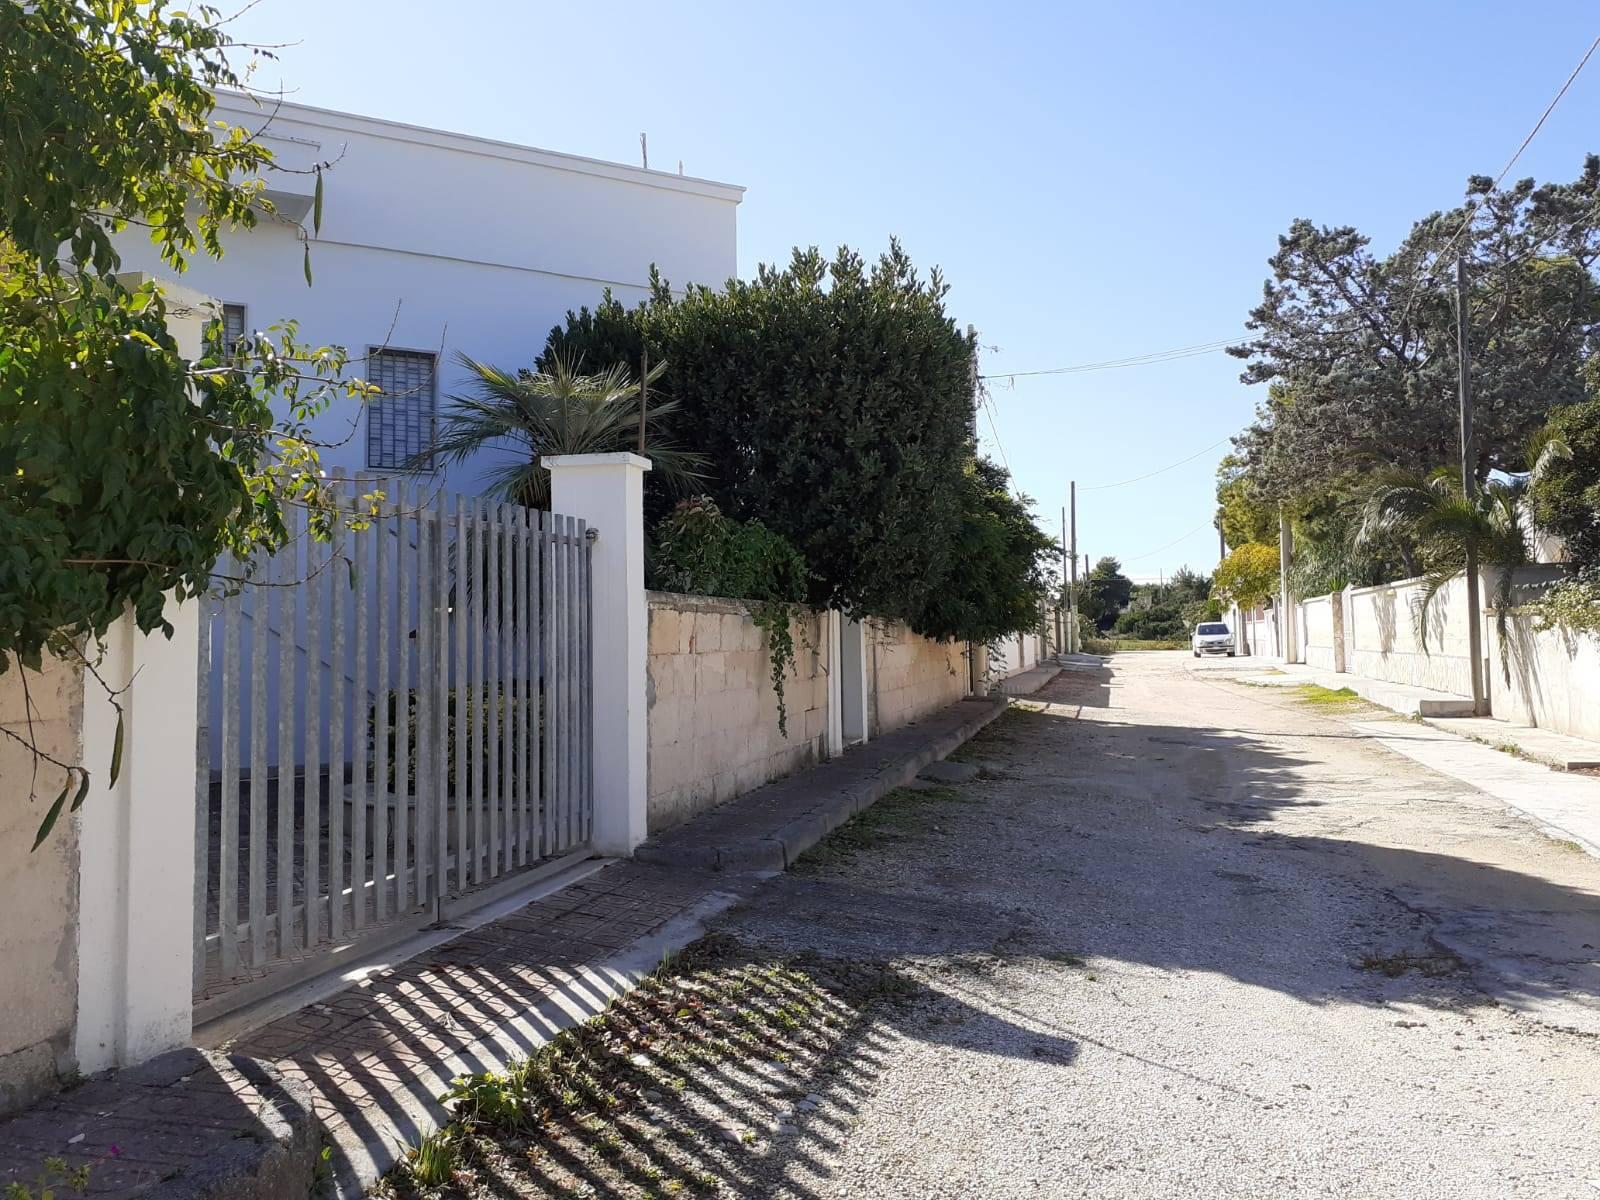 Villa in vendita a Manduria, 4 locali, zona Zona: San Pietro in Bevagna, prezzo € 123.000 | CambioCasa.it